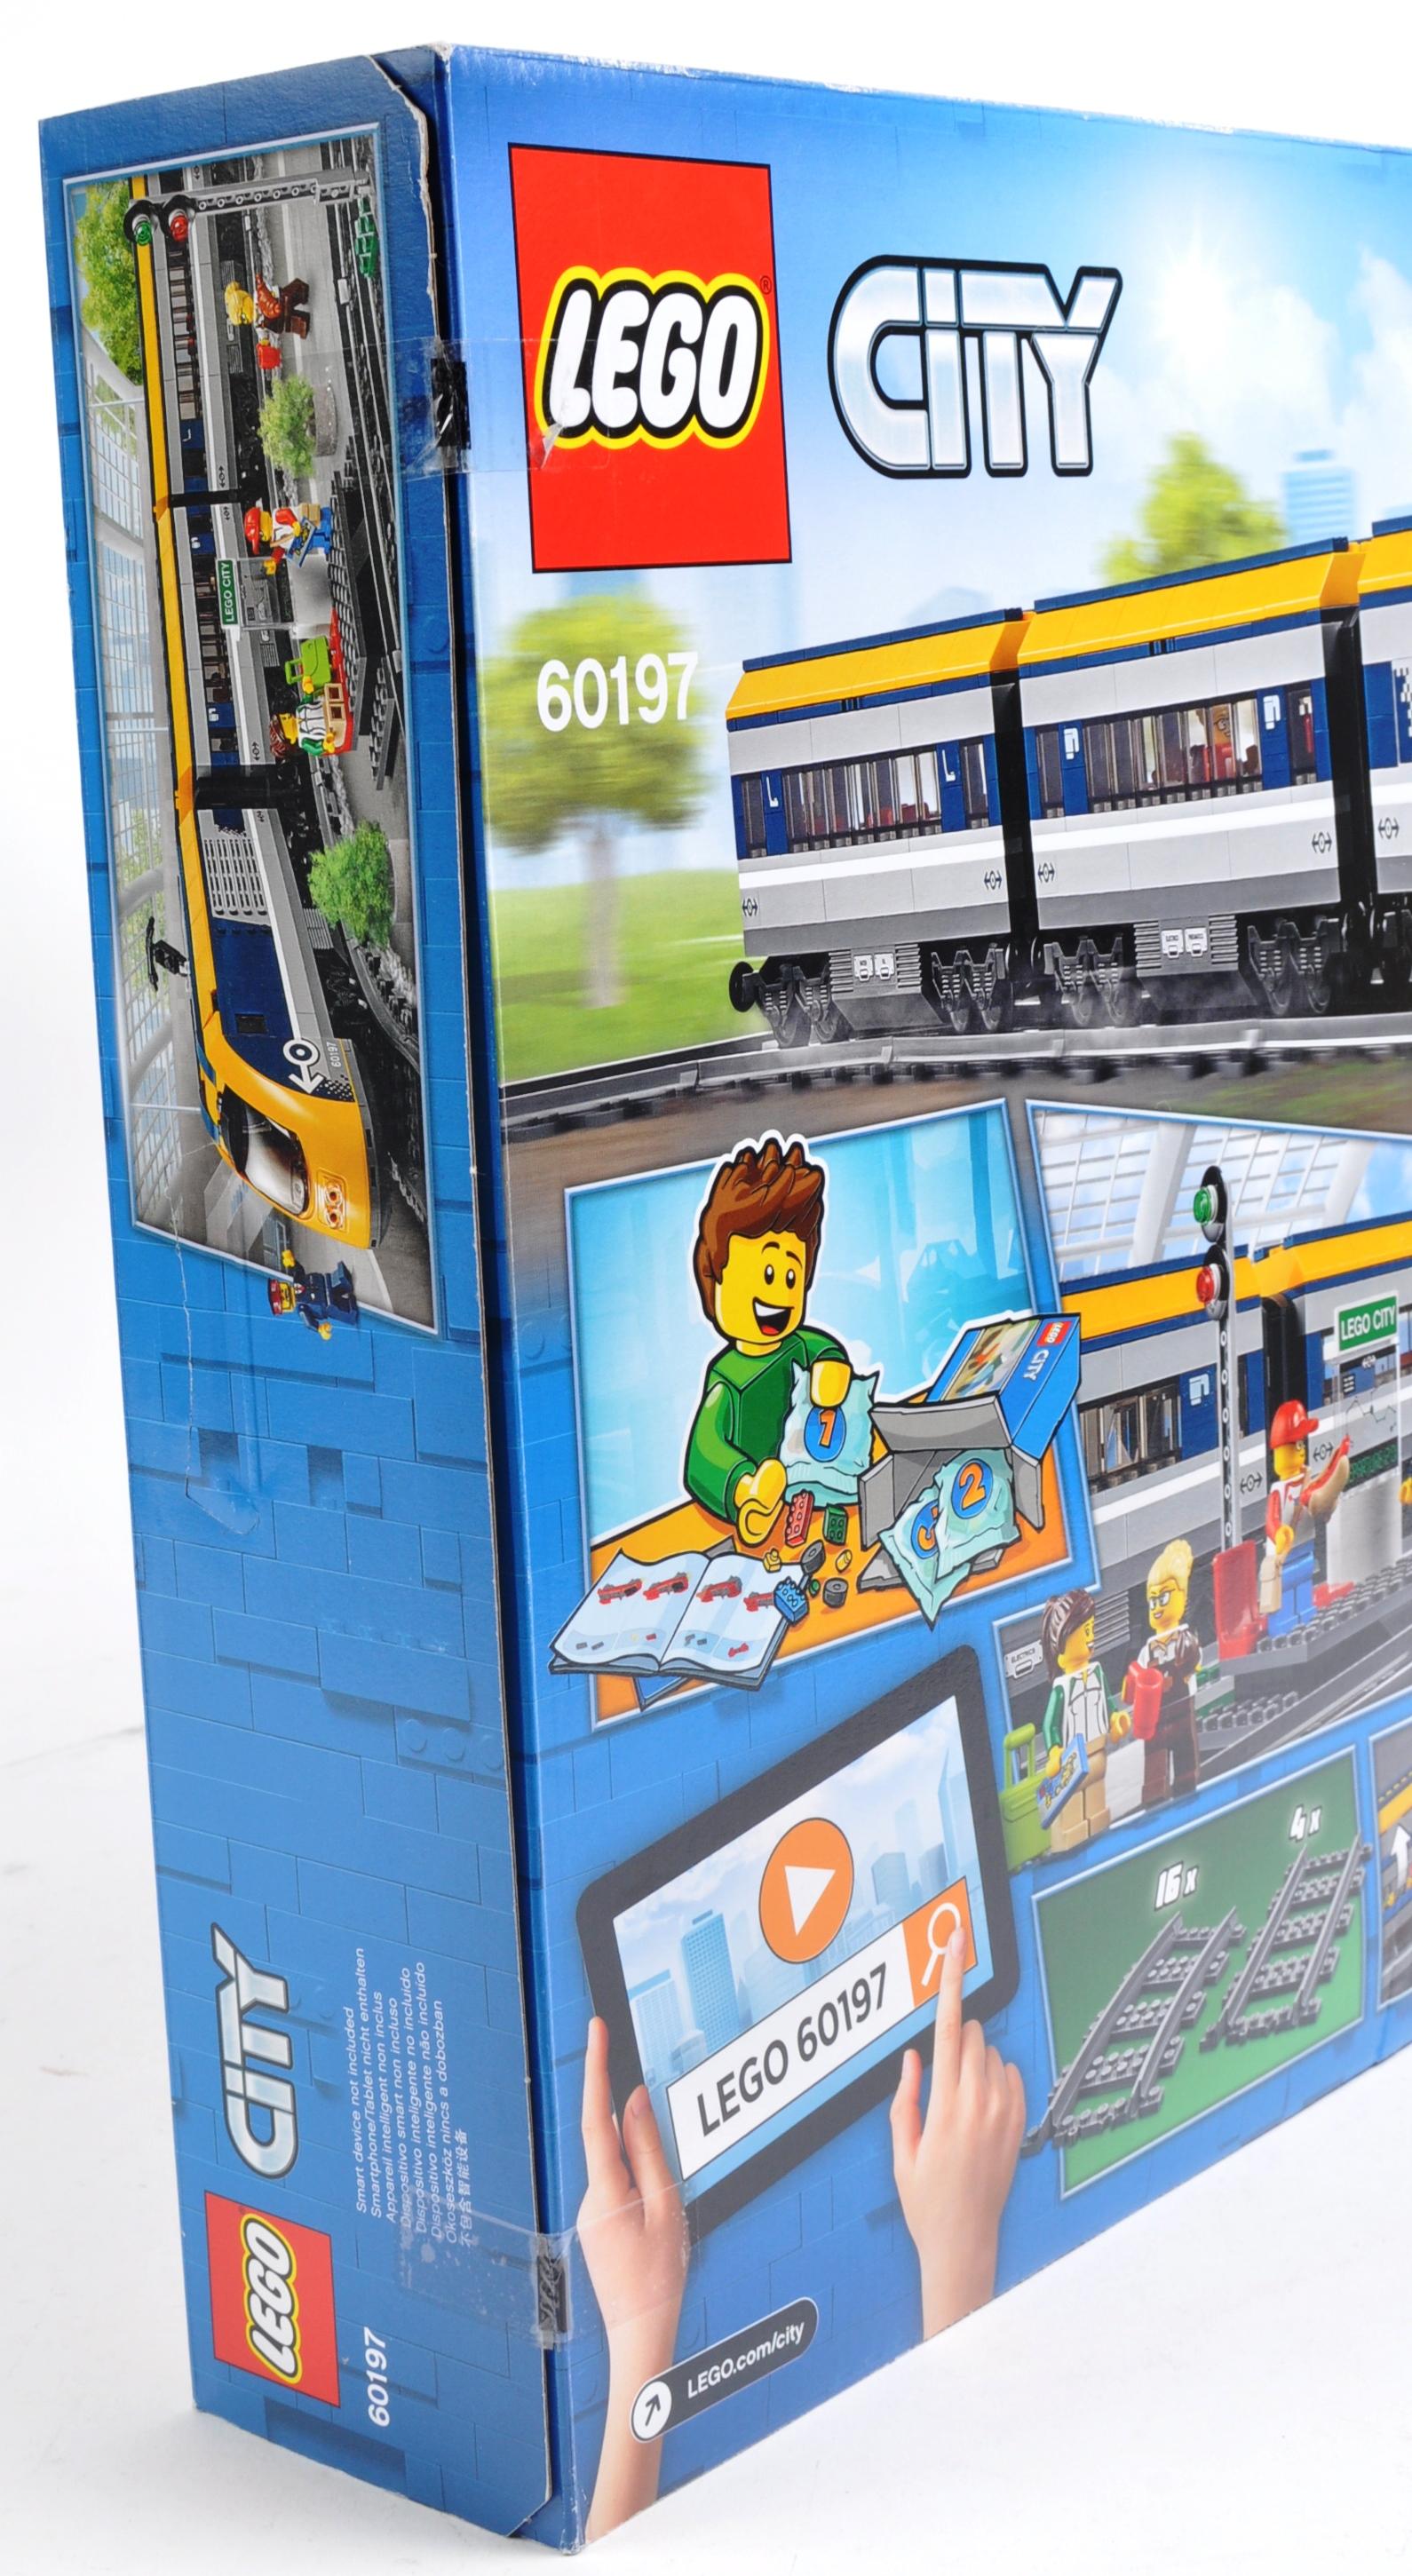 LEGO SET - LEGO CITY - 60197 - PASSENGER TRAIN - Image 4 of 4